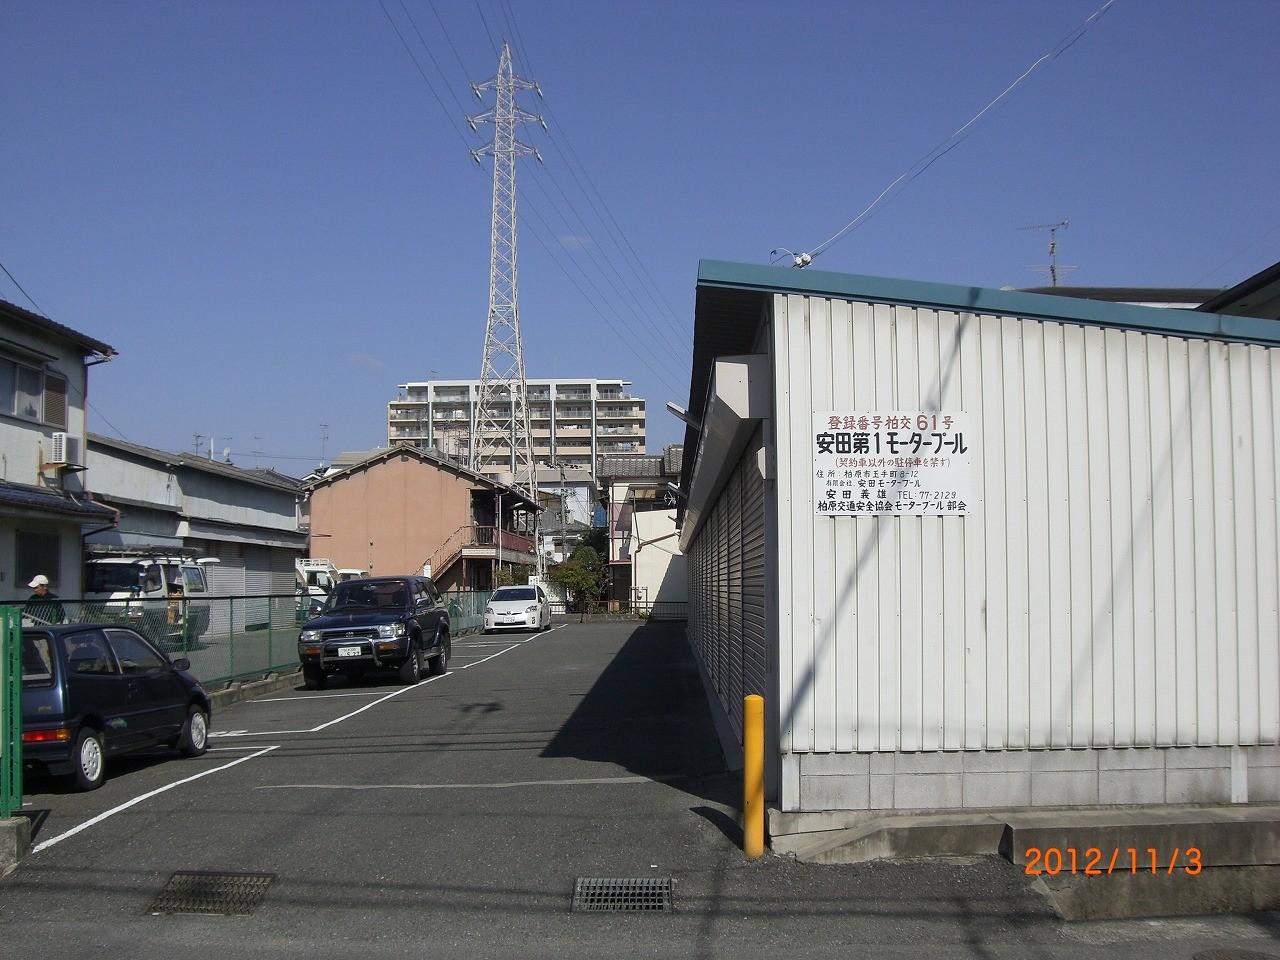 13_第一駐車場 大家が管理している駐車場①